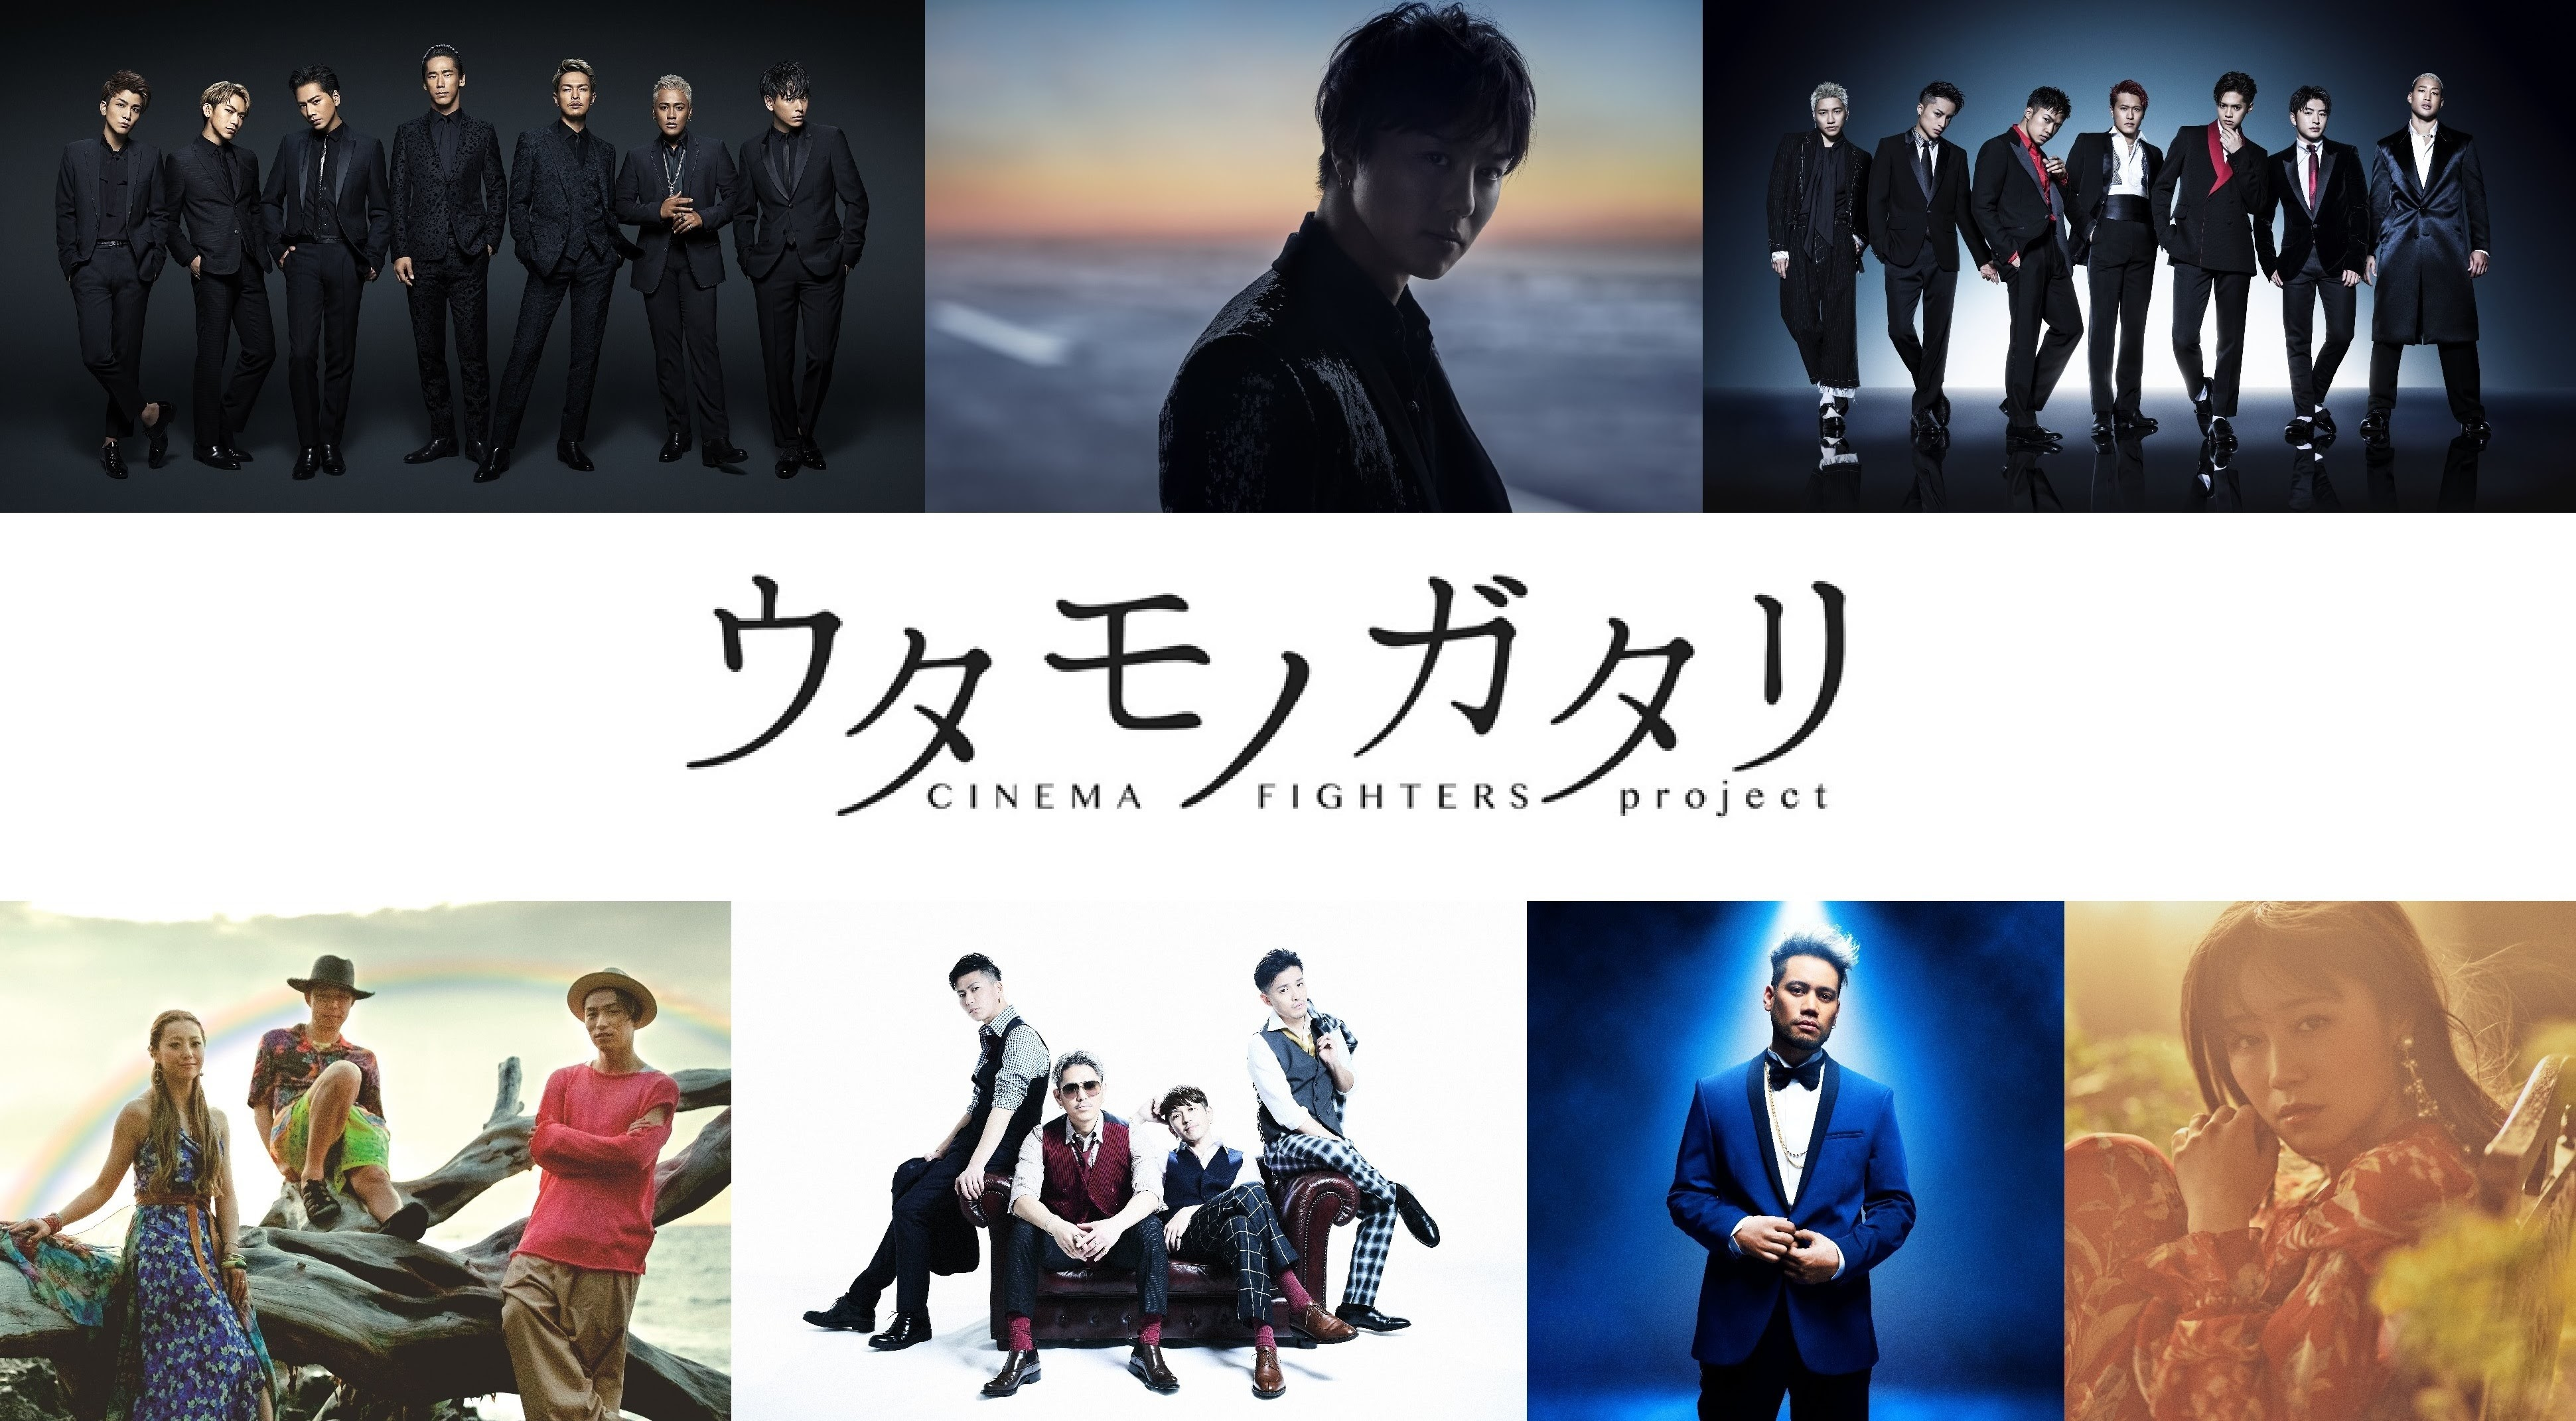 Primeira imagem promocional dos artistas que cantam os temas musicais dos filmes do projeto.